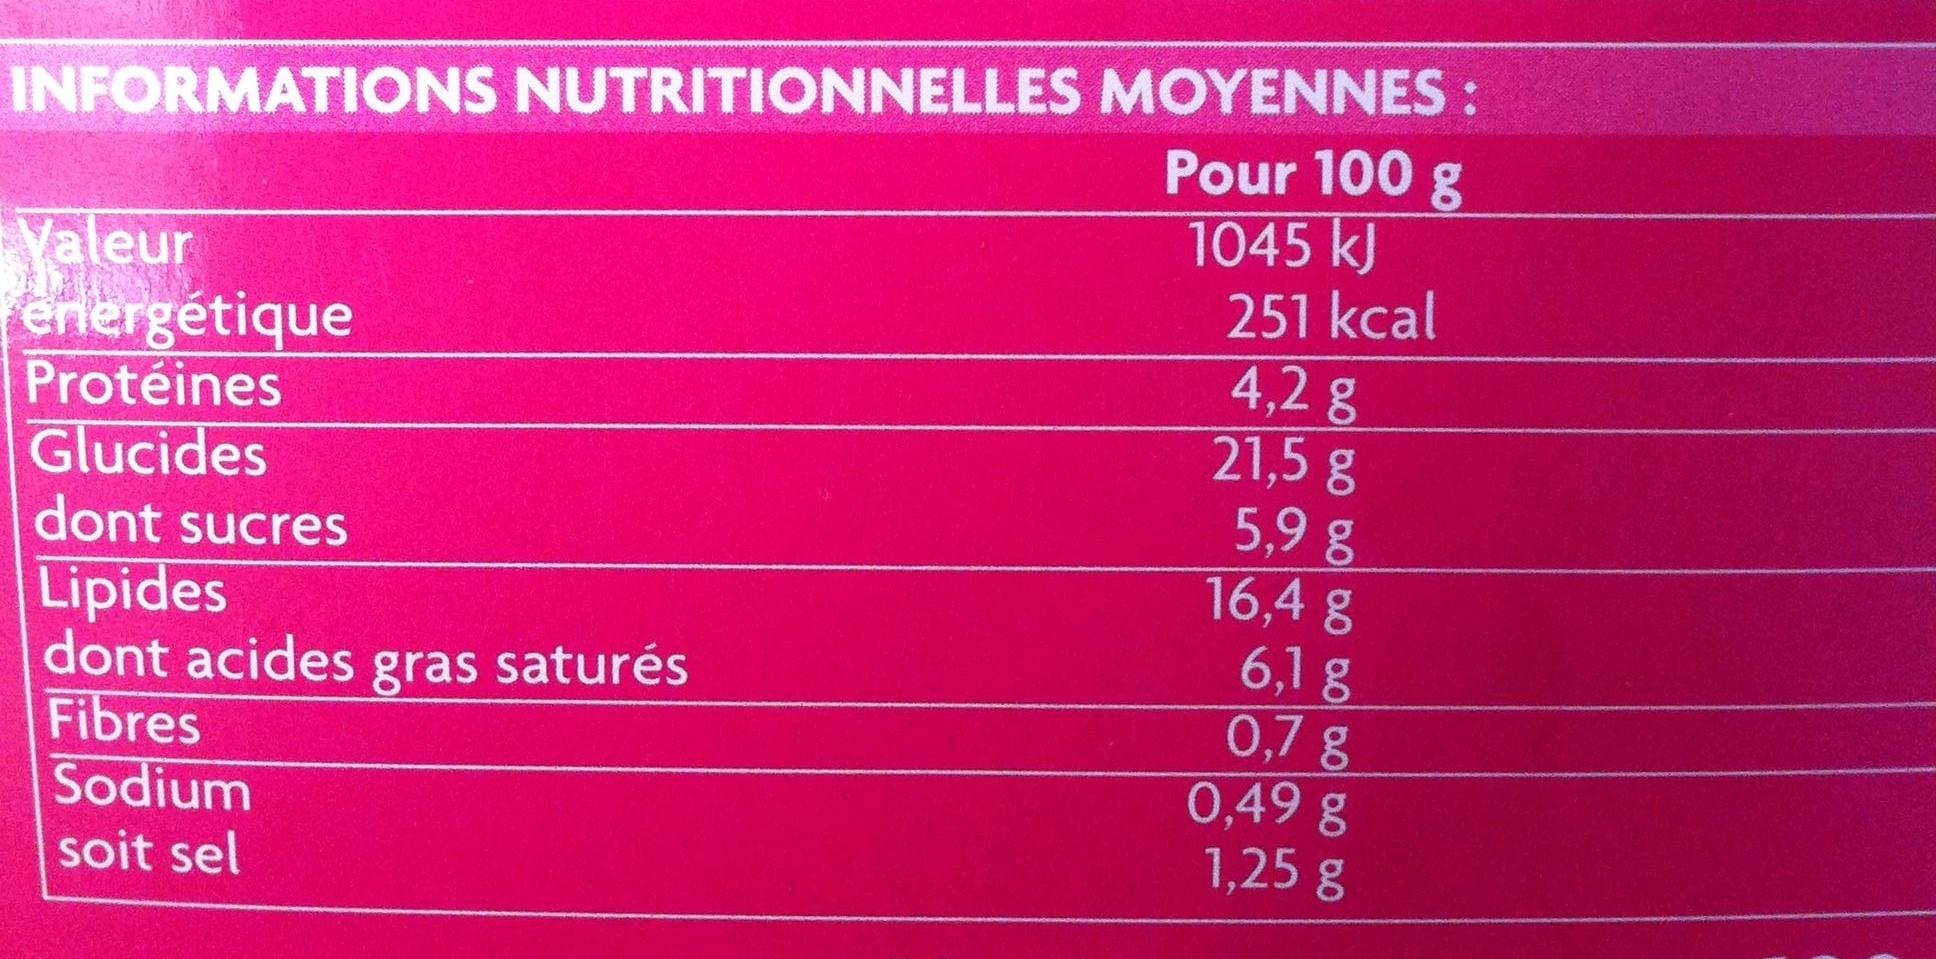 Bouchées apéritives - Nutrition facts